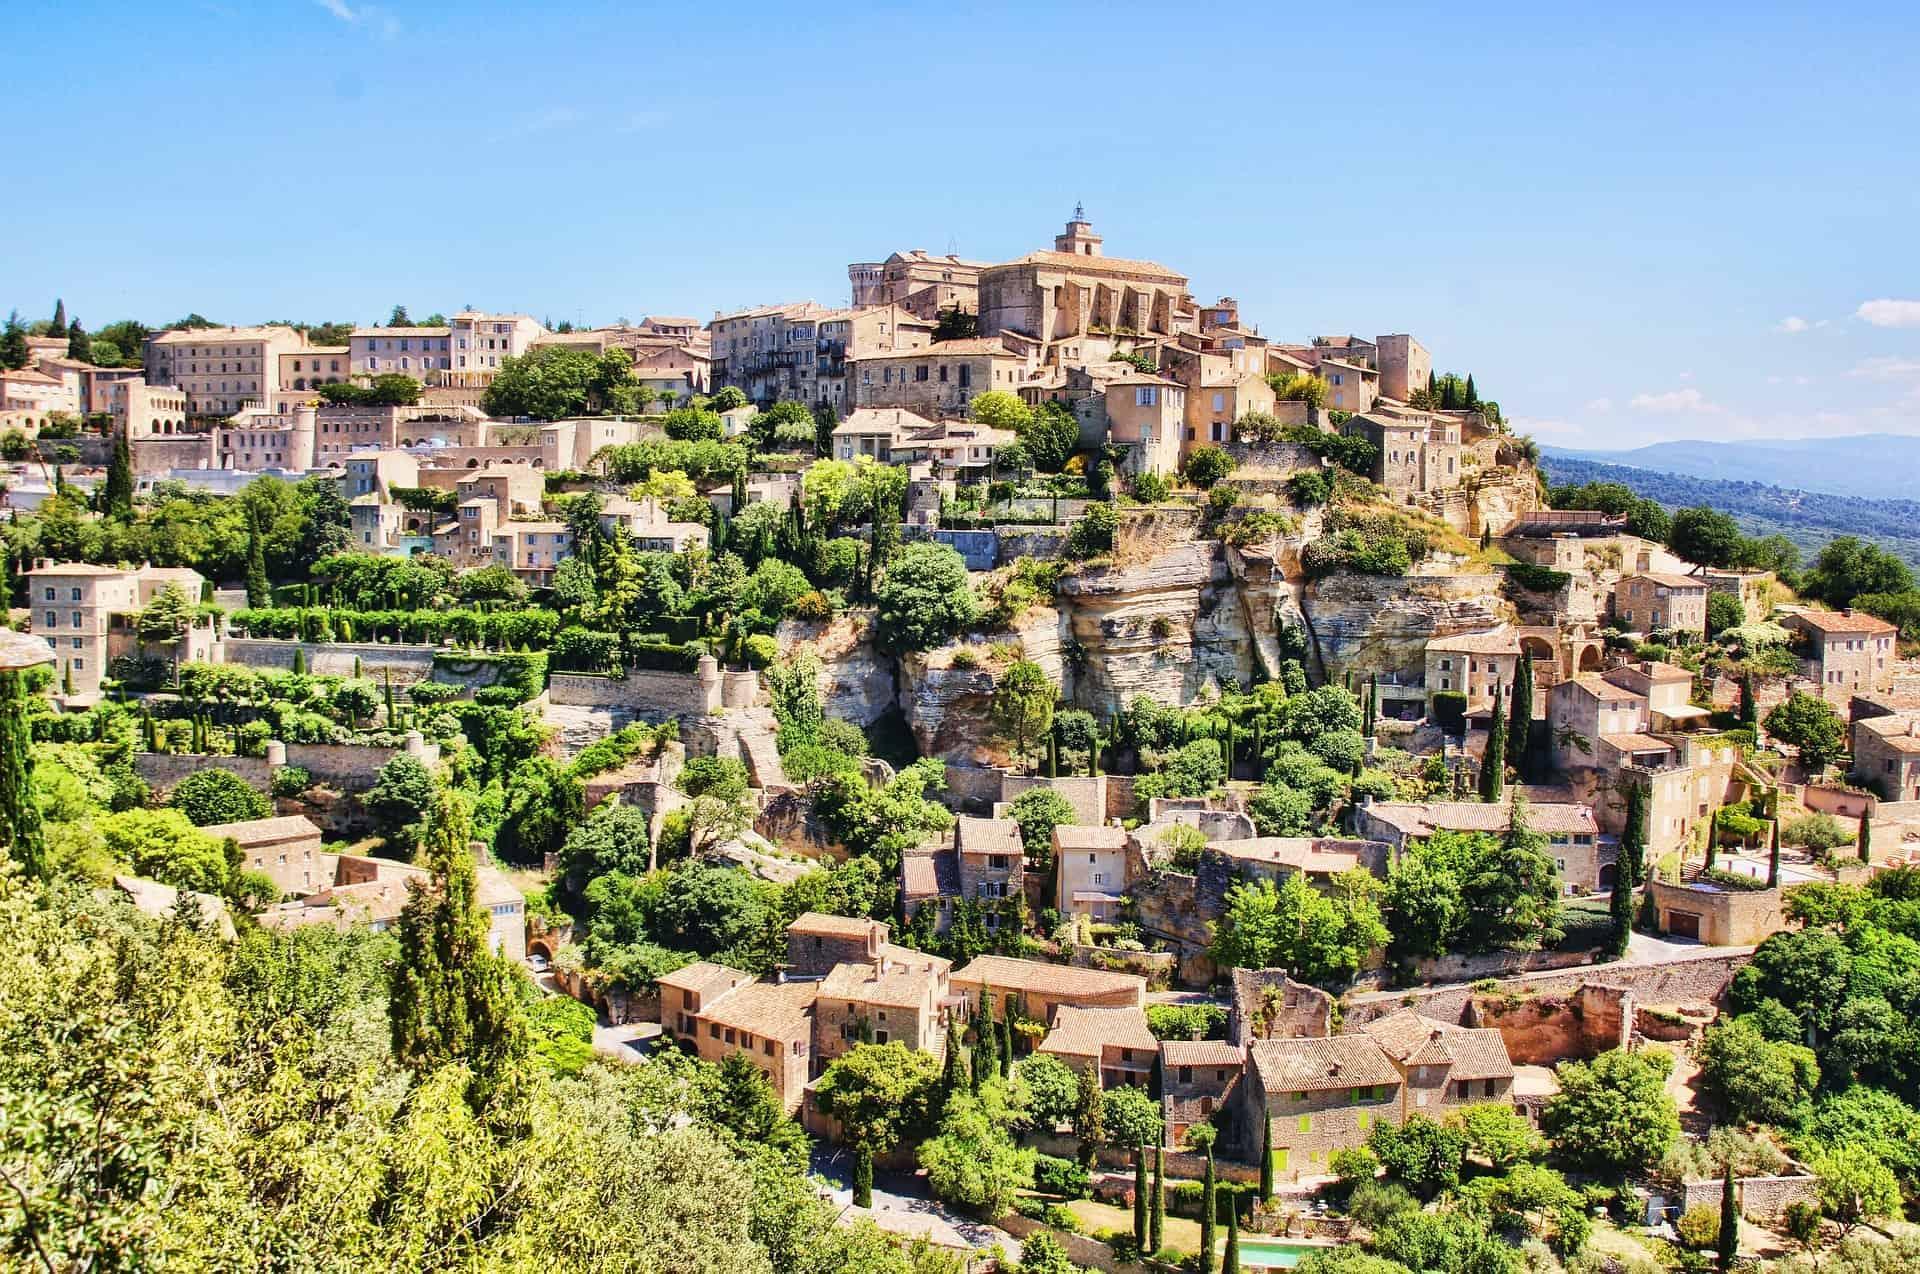 Sault Provence, Lavendel marked i Provence, Lavendel i Provence, Aix-en-Provence, romantisk tur til Provence, ting å gjøre i Provence, langhelg i Provence, weekendtur til Provence, ferie i Provence, ting å gjøre i Provence, dagsturer i Provence